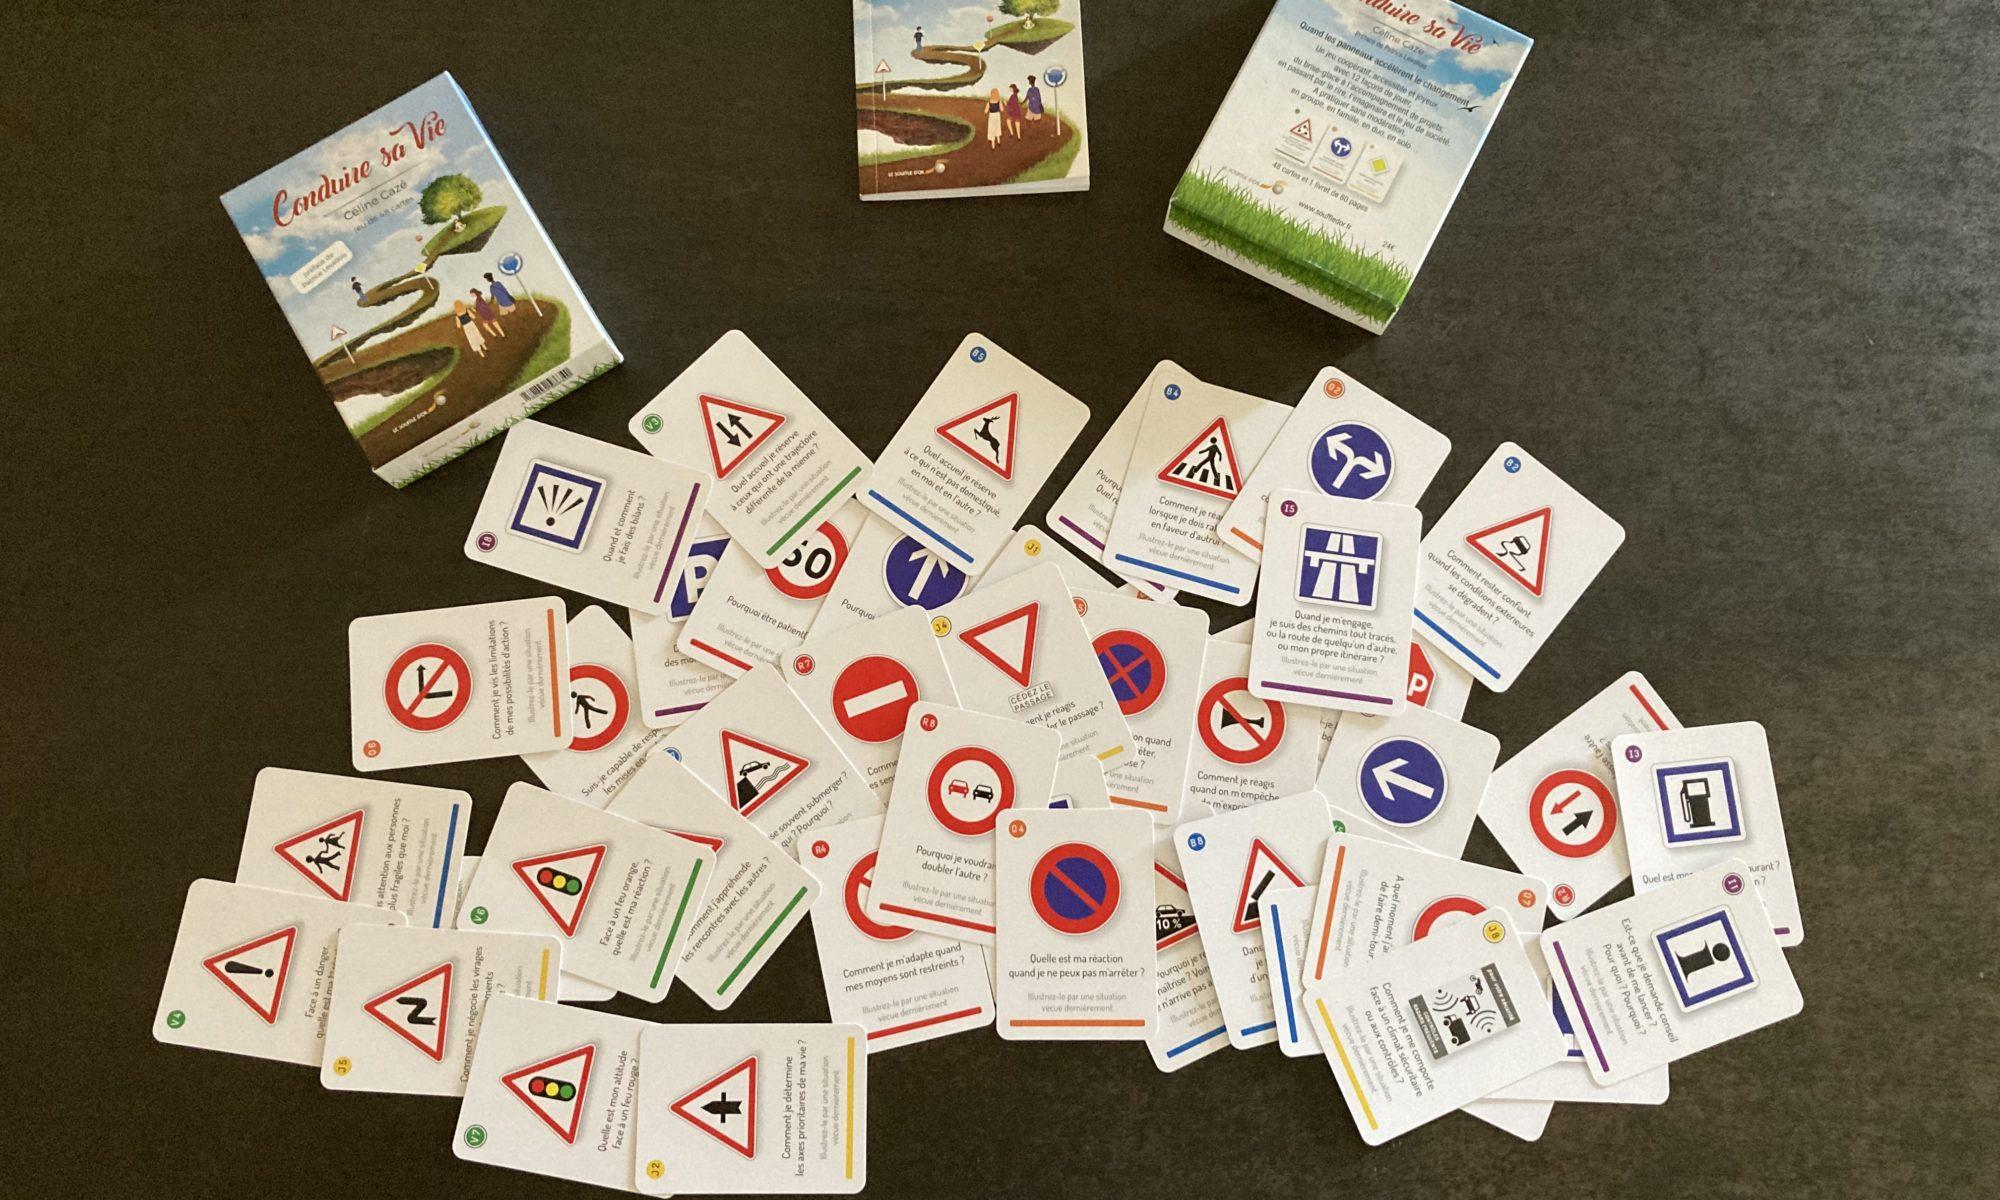 Conduire sa vie en entreprise : un jeu collaboratif pour résoudre les problématiques d'équipe